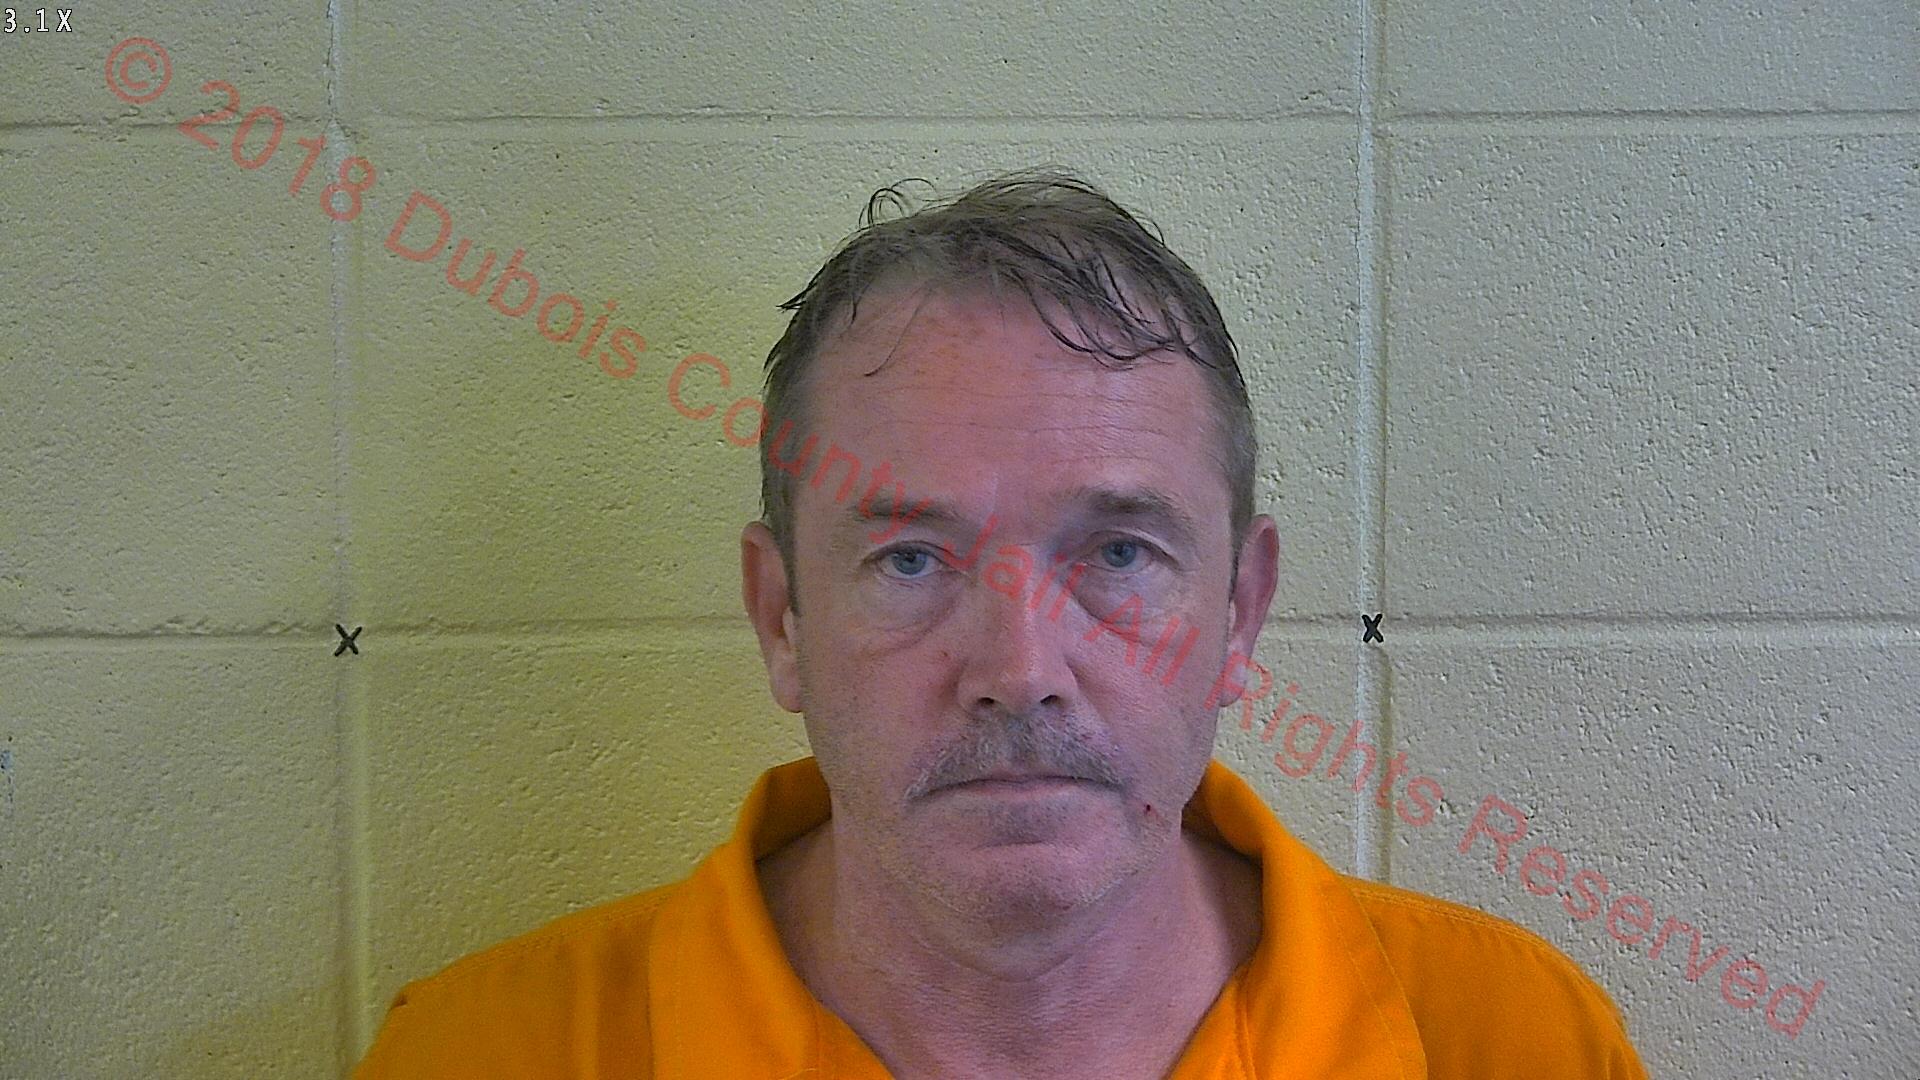 Jasper Man Arrested For Violating Protective Order